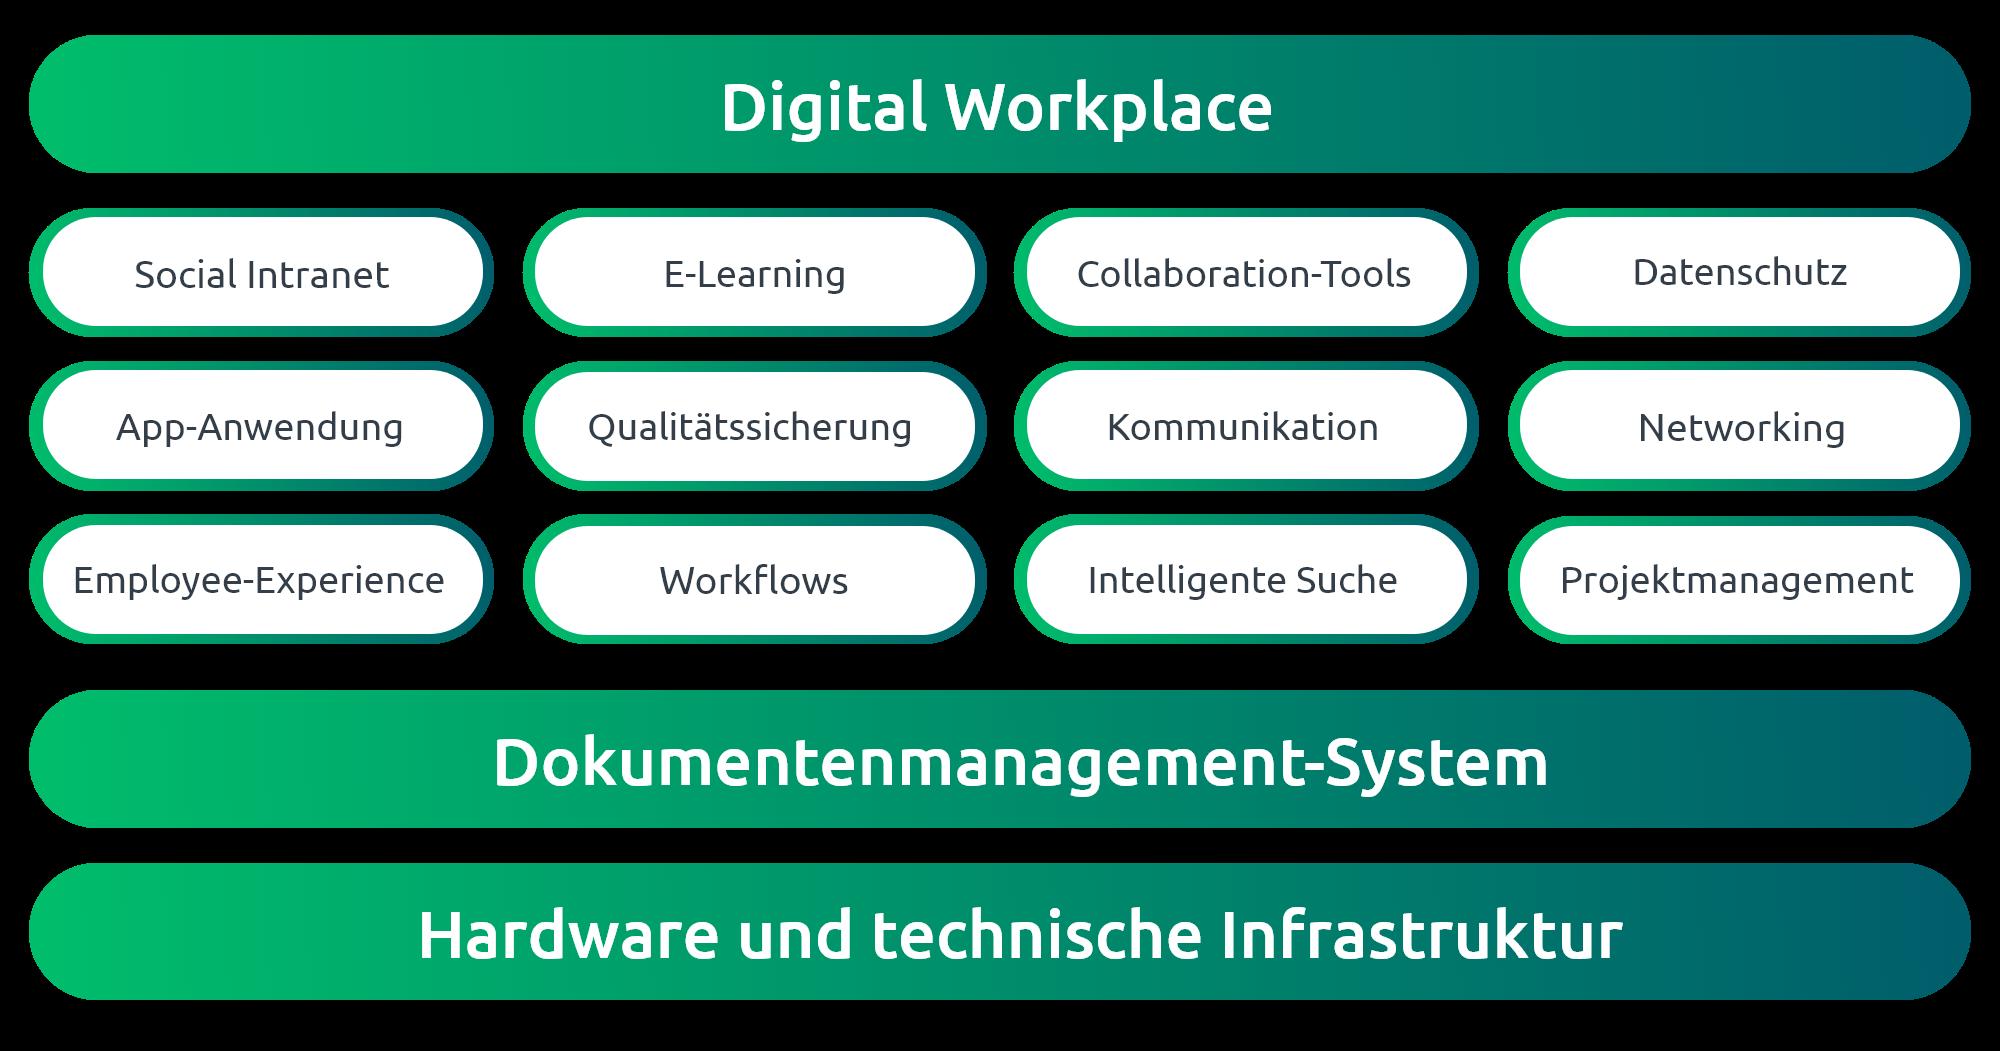 Der Digital Workplace setzt sich aus verschiedenen Bausteinen zusammen, unter anderem: DMS, Suche, Apps, Collaboration Tools, E-Learning-Plattformen und mehr